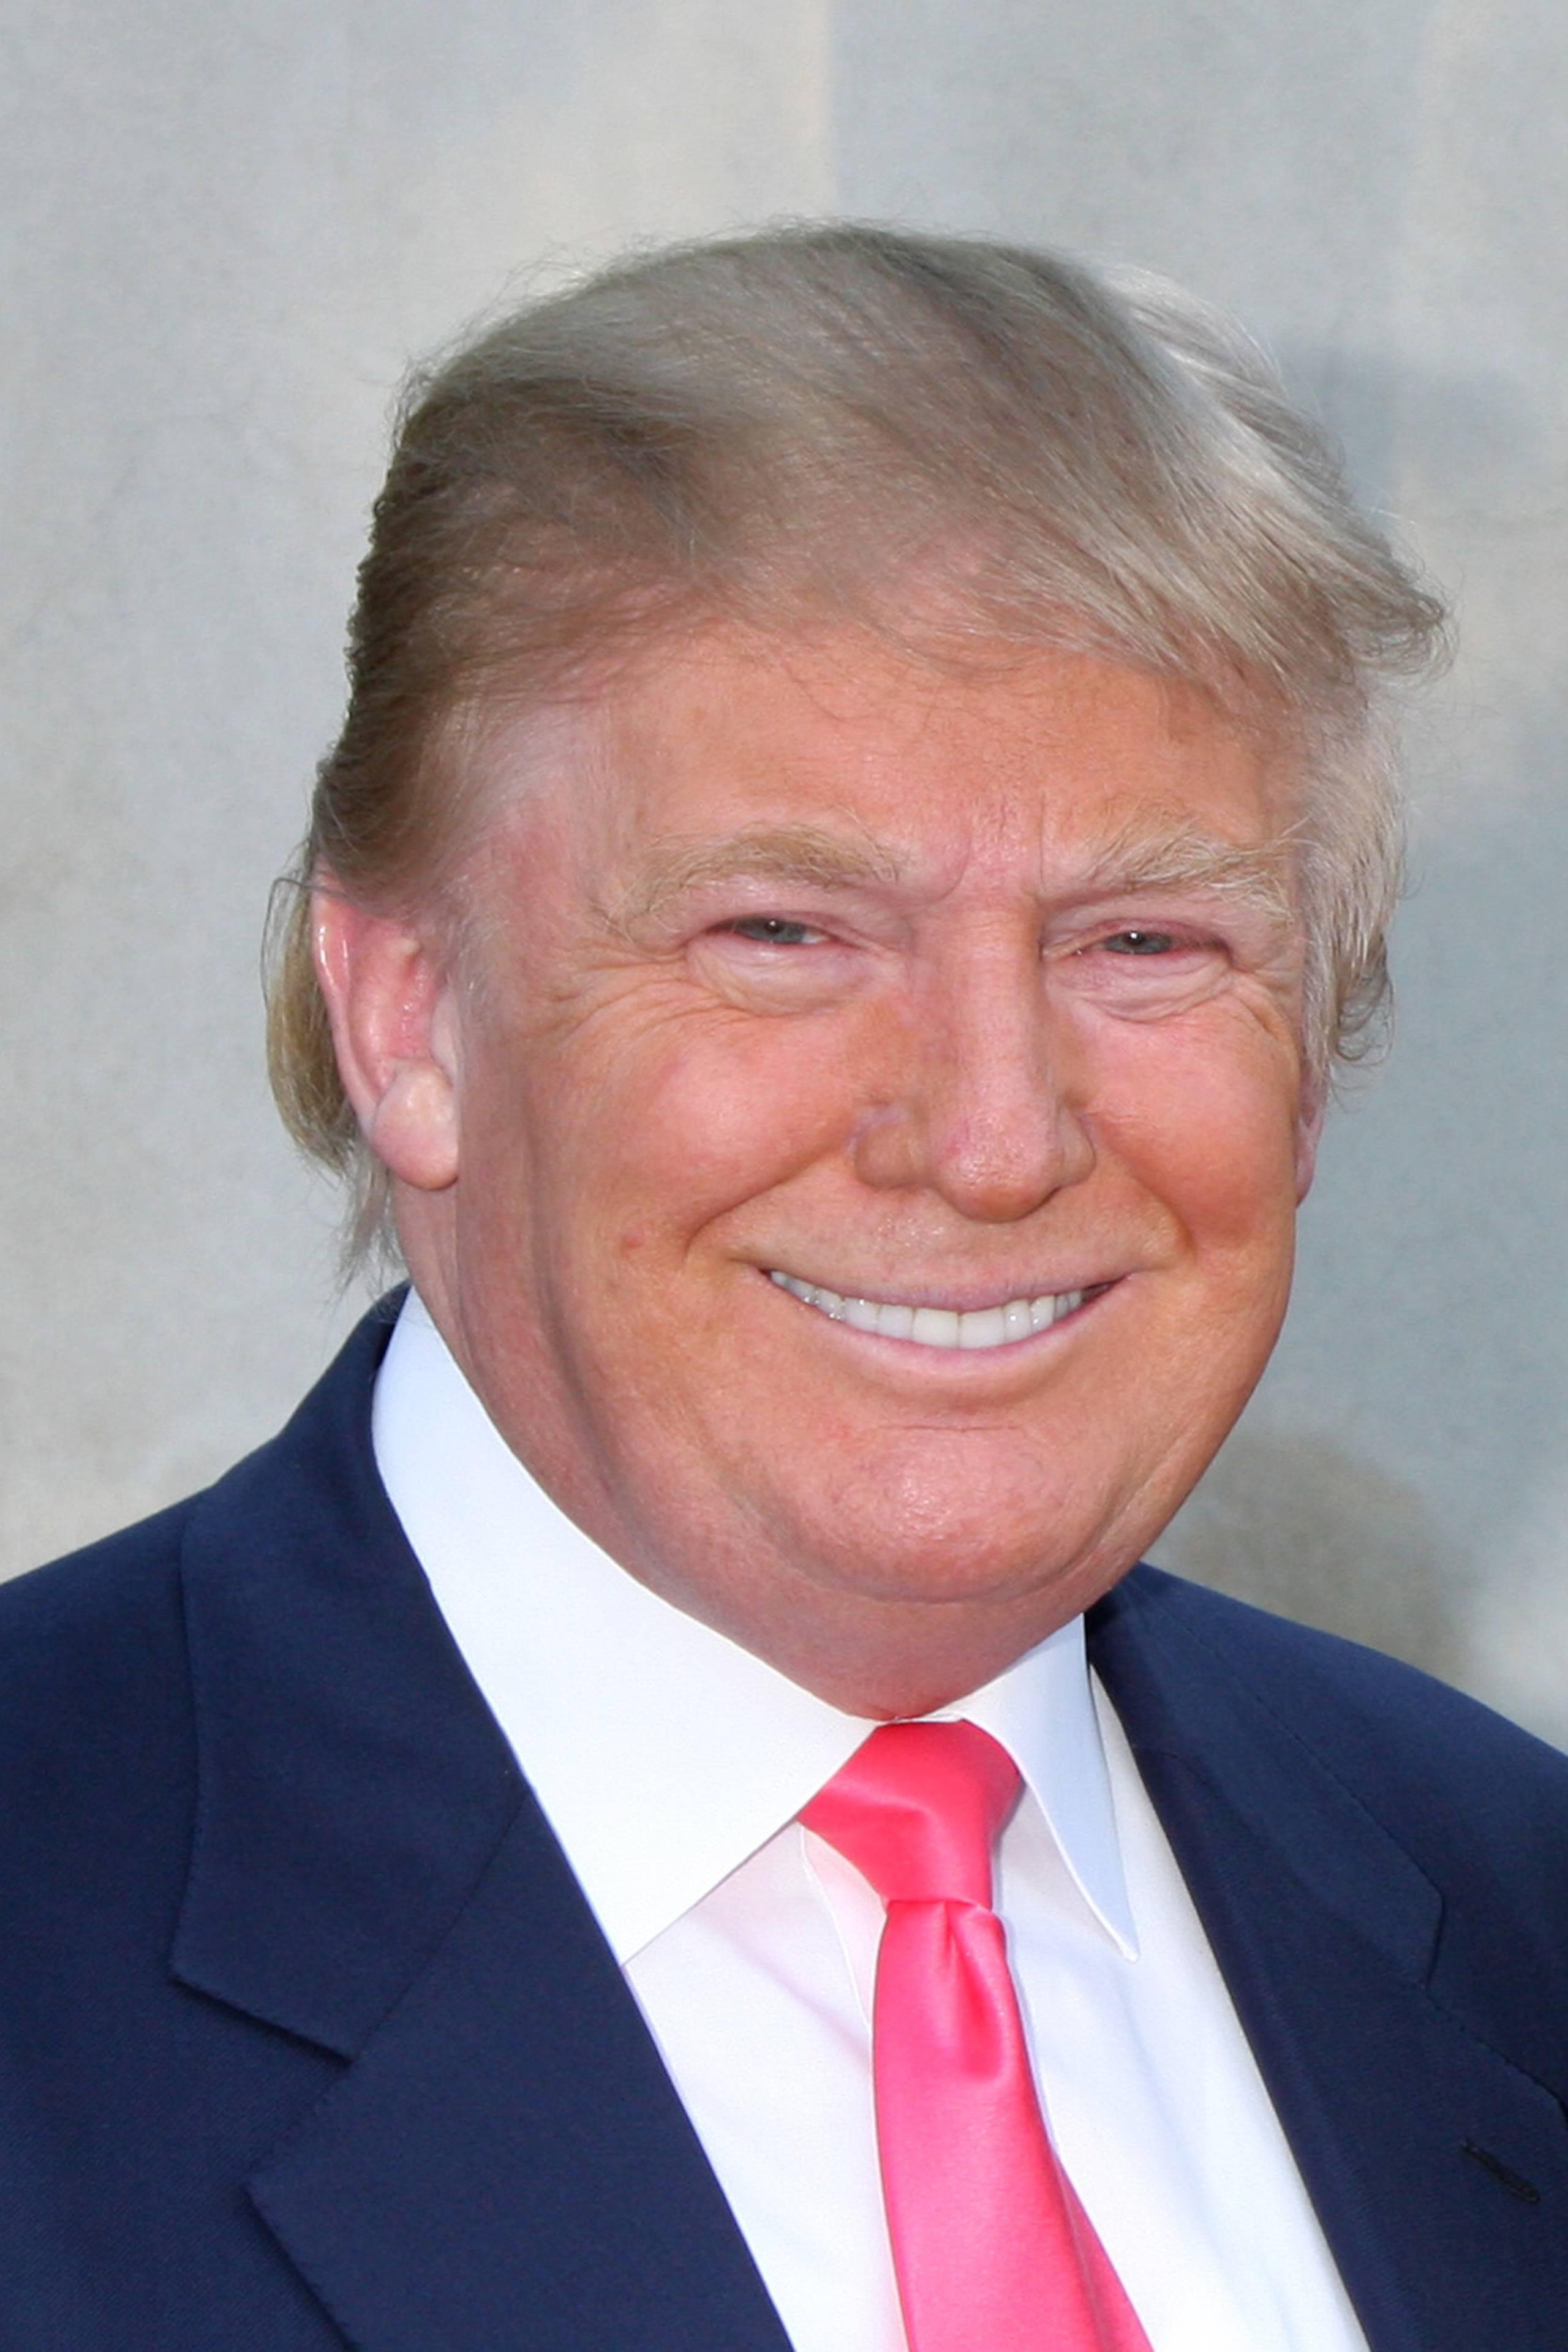 will donald trump